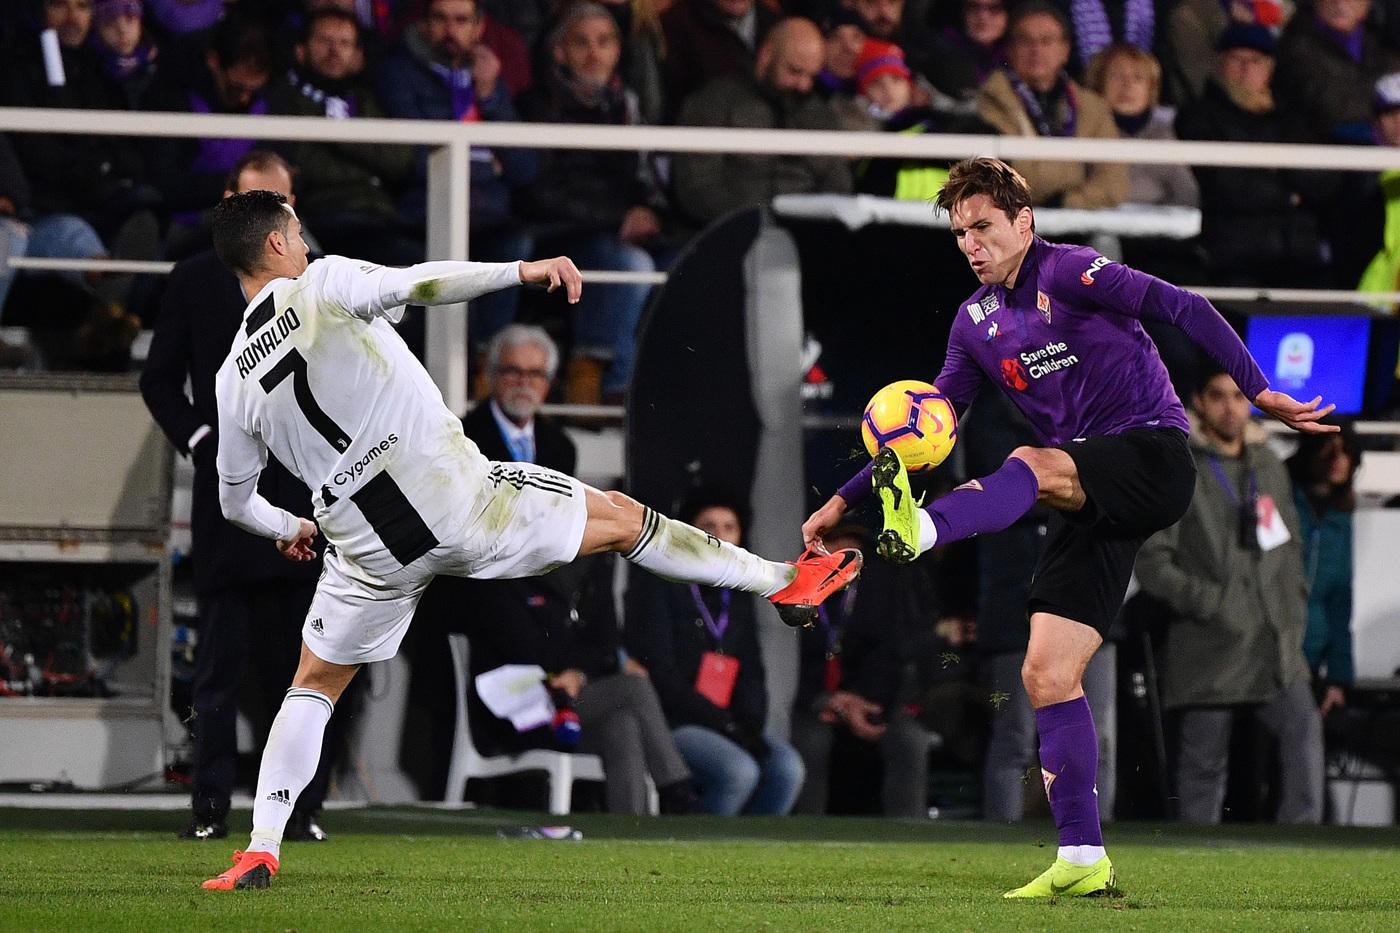 Ronaldo san bằng kỷ lục 60 năm và những điểm nhấn từ trận Fiorentina - Juventus - Ảnh 3.